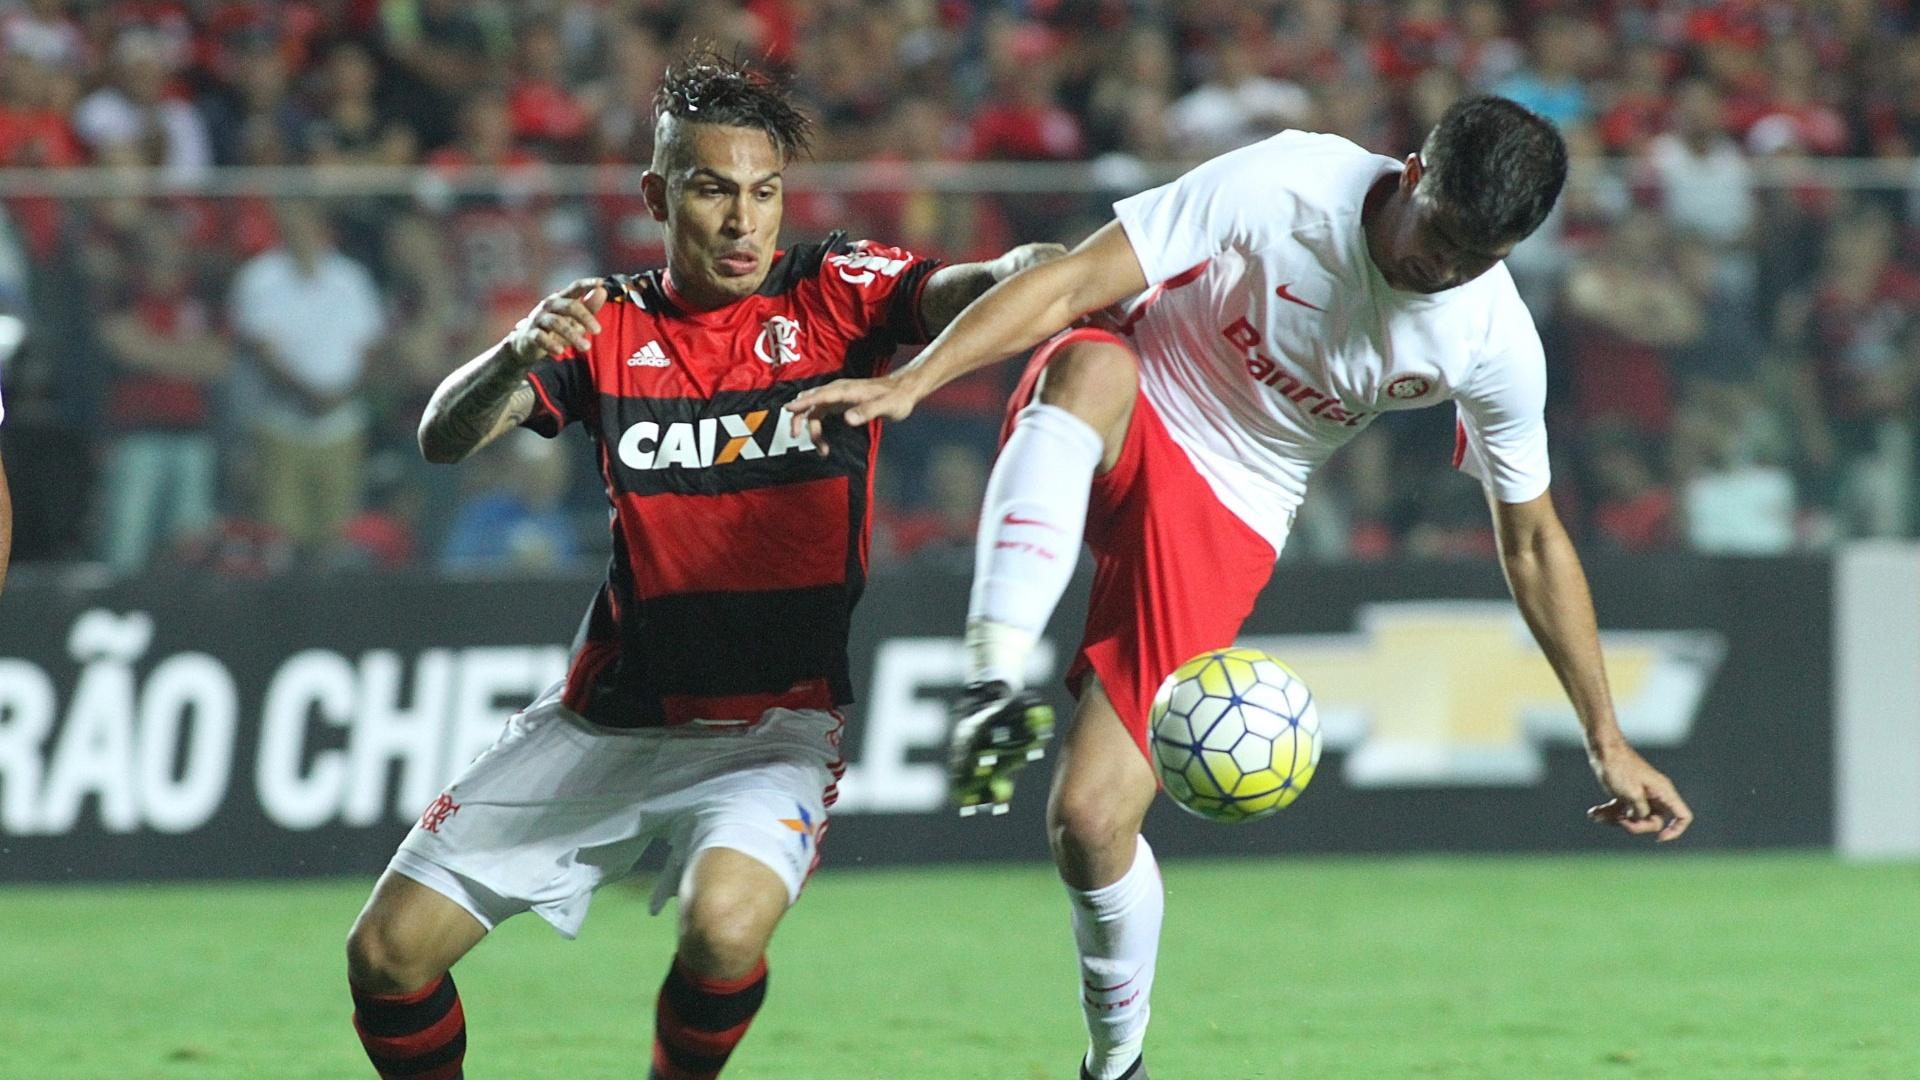 Guerrero foi fundamental na vitória do Flamengo sobre o Internacional em Cariacica